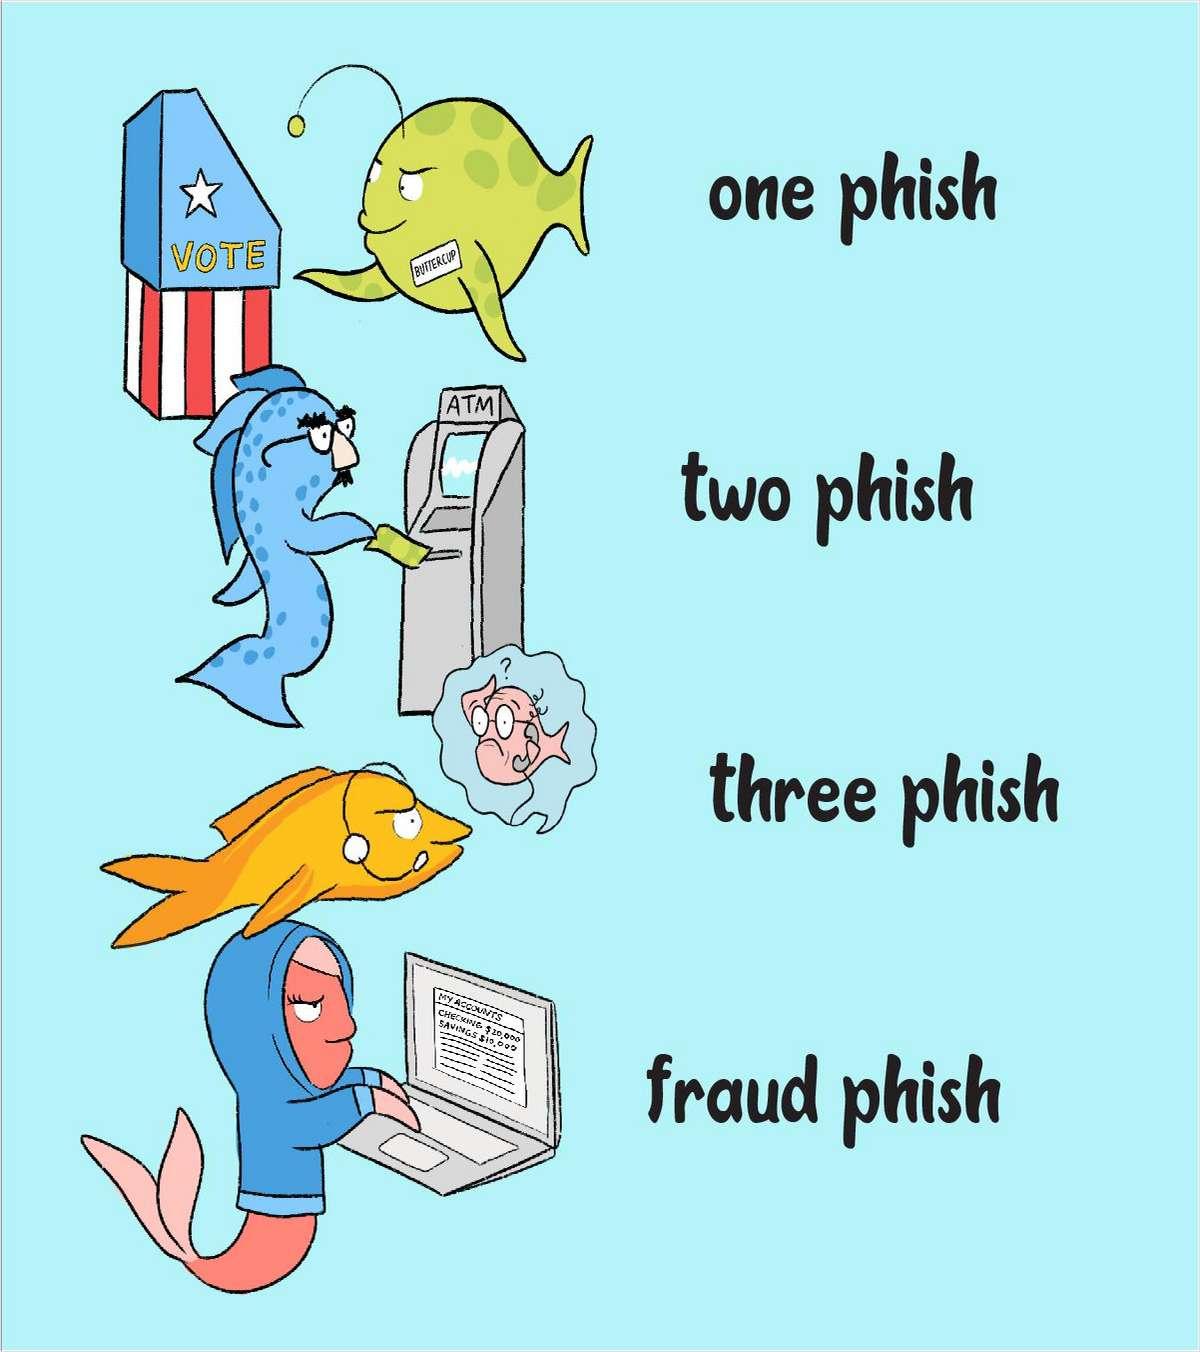 One Phish, Two Phish, Three Phish, Fraud Phish